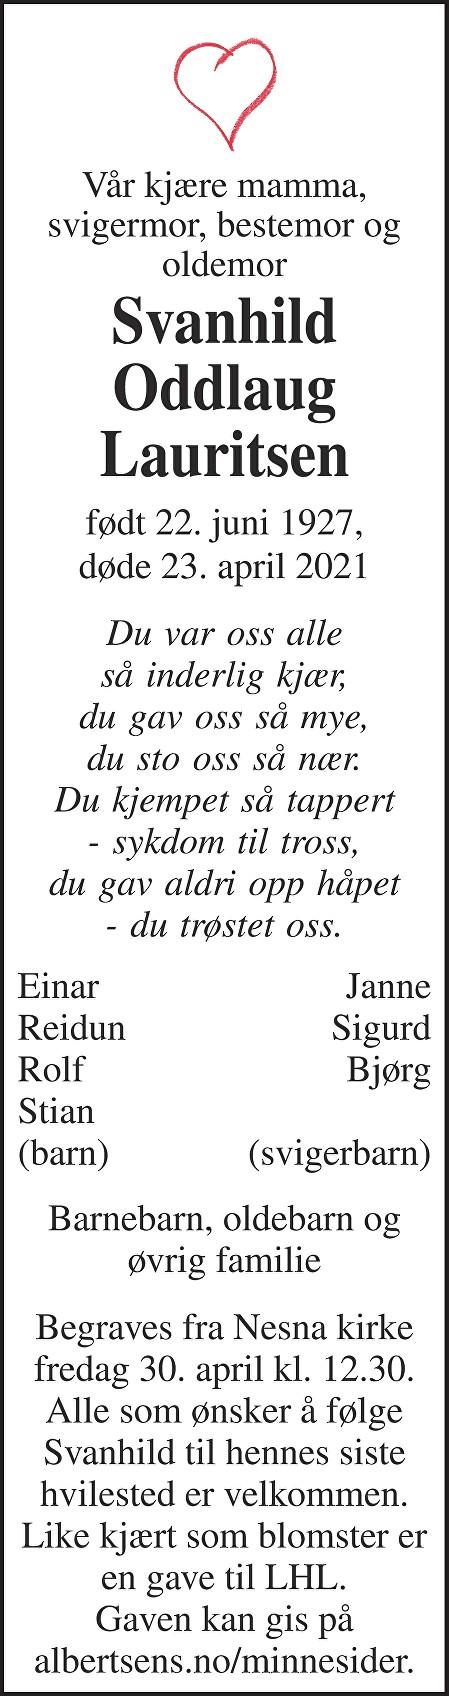 Svanhild Oddlaug Lauritsen Dødsannonse